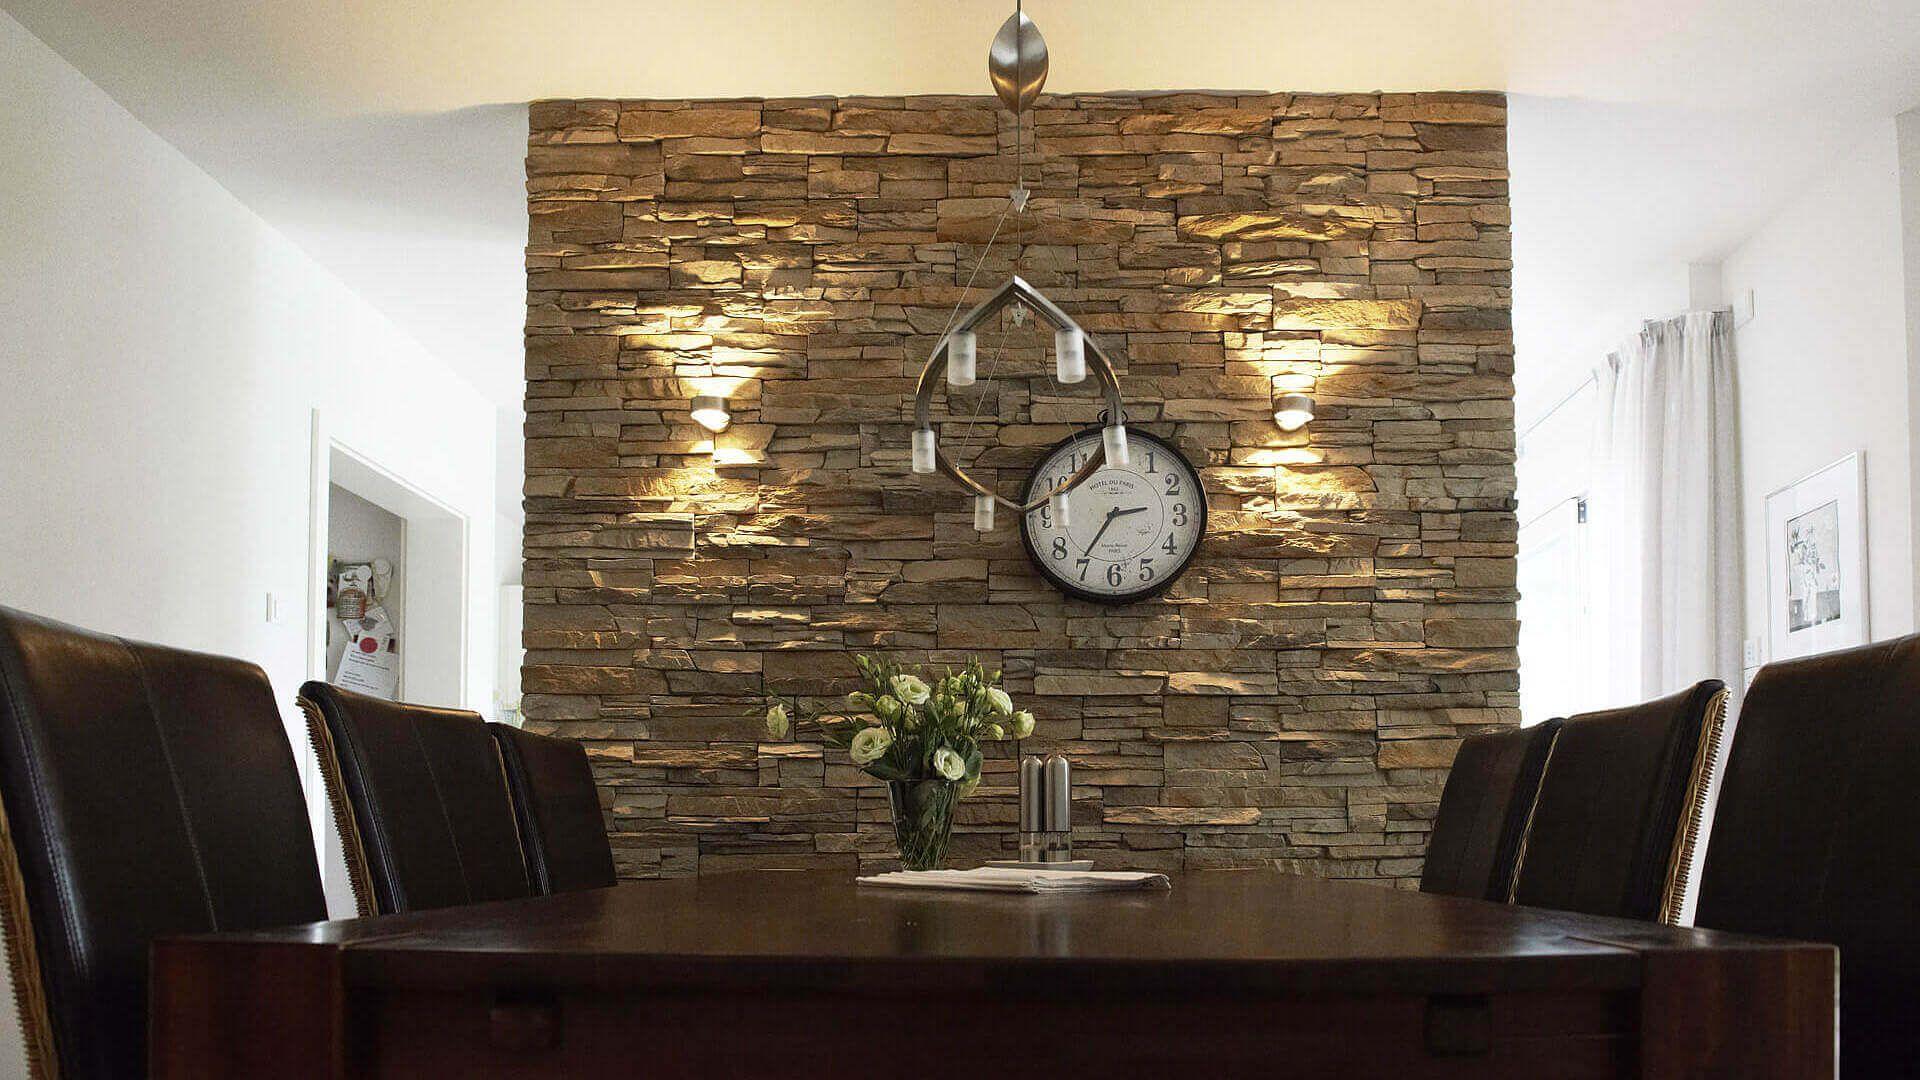 Esszimmer Dunkle Esszimmermöbel Steinwand Uhr Weiße Wände